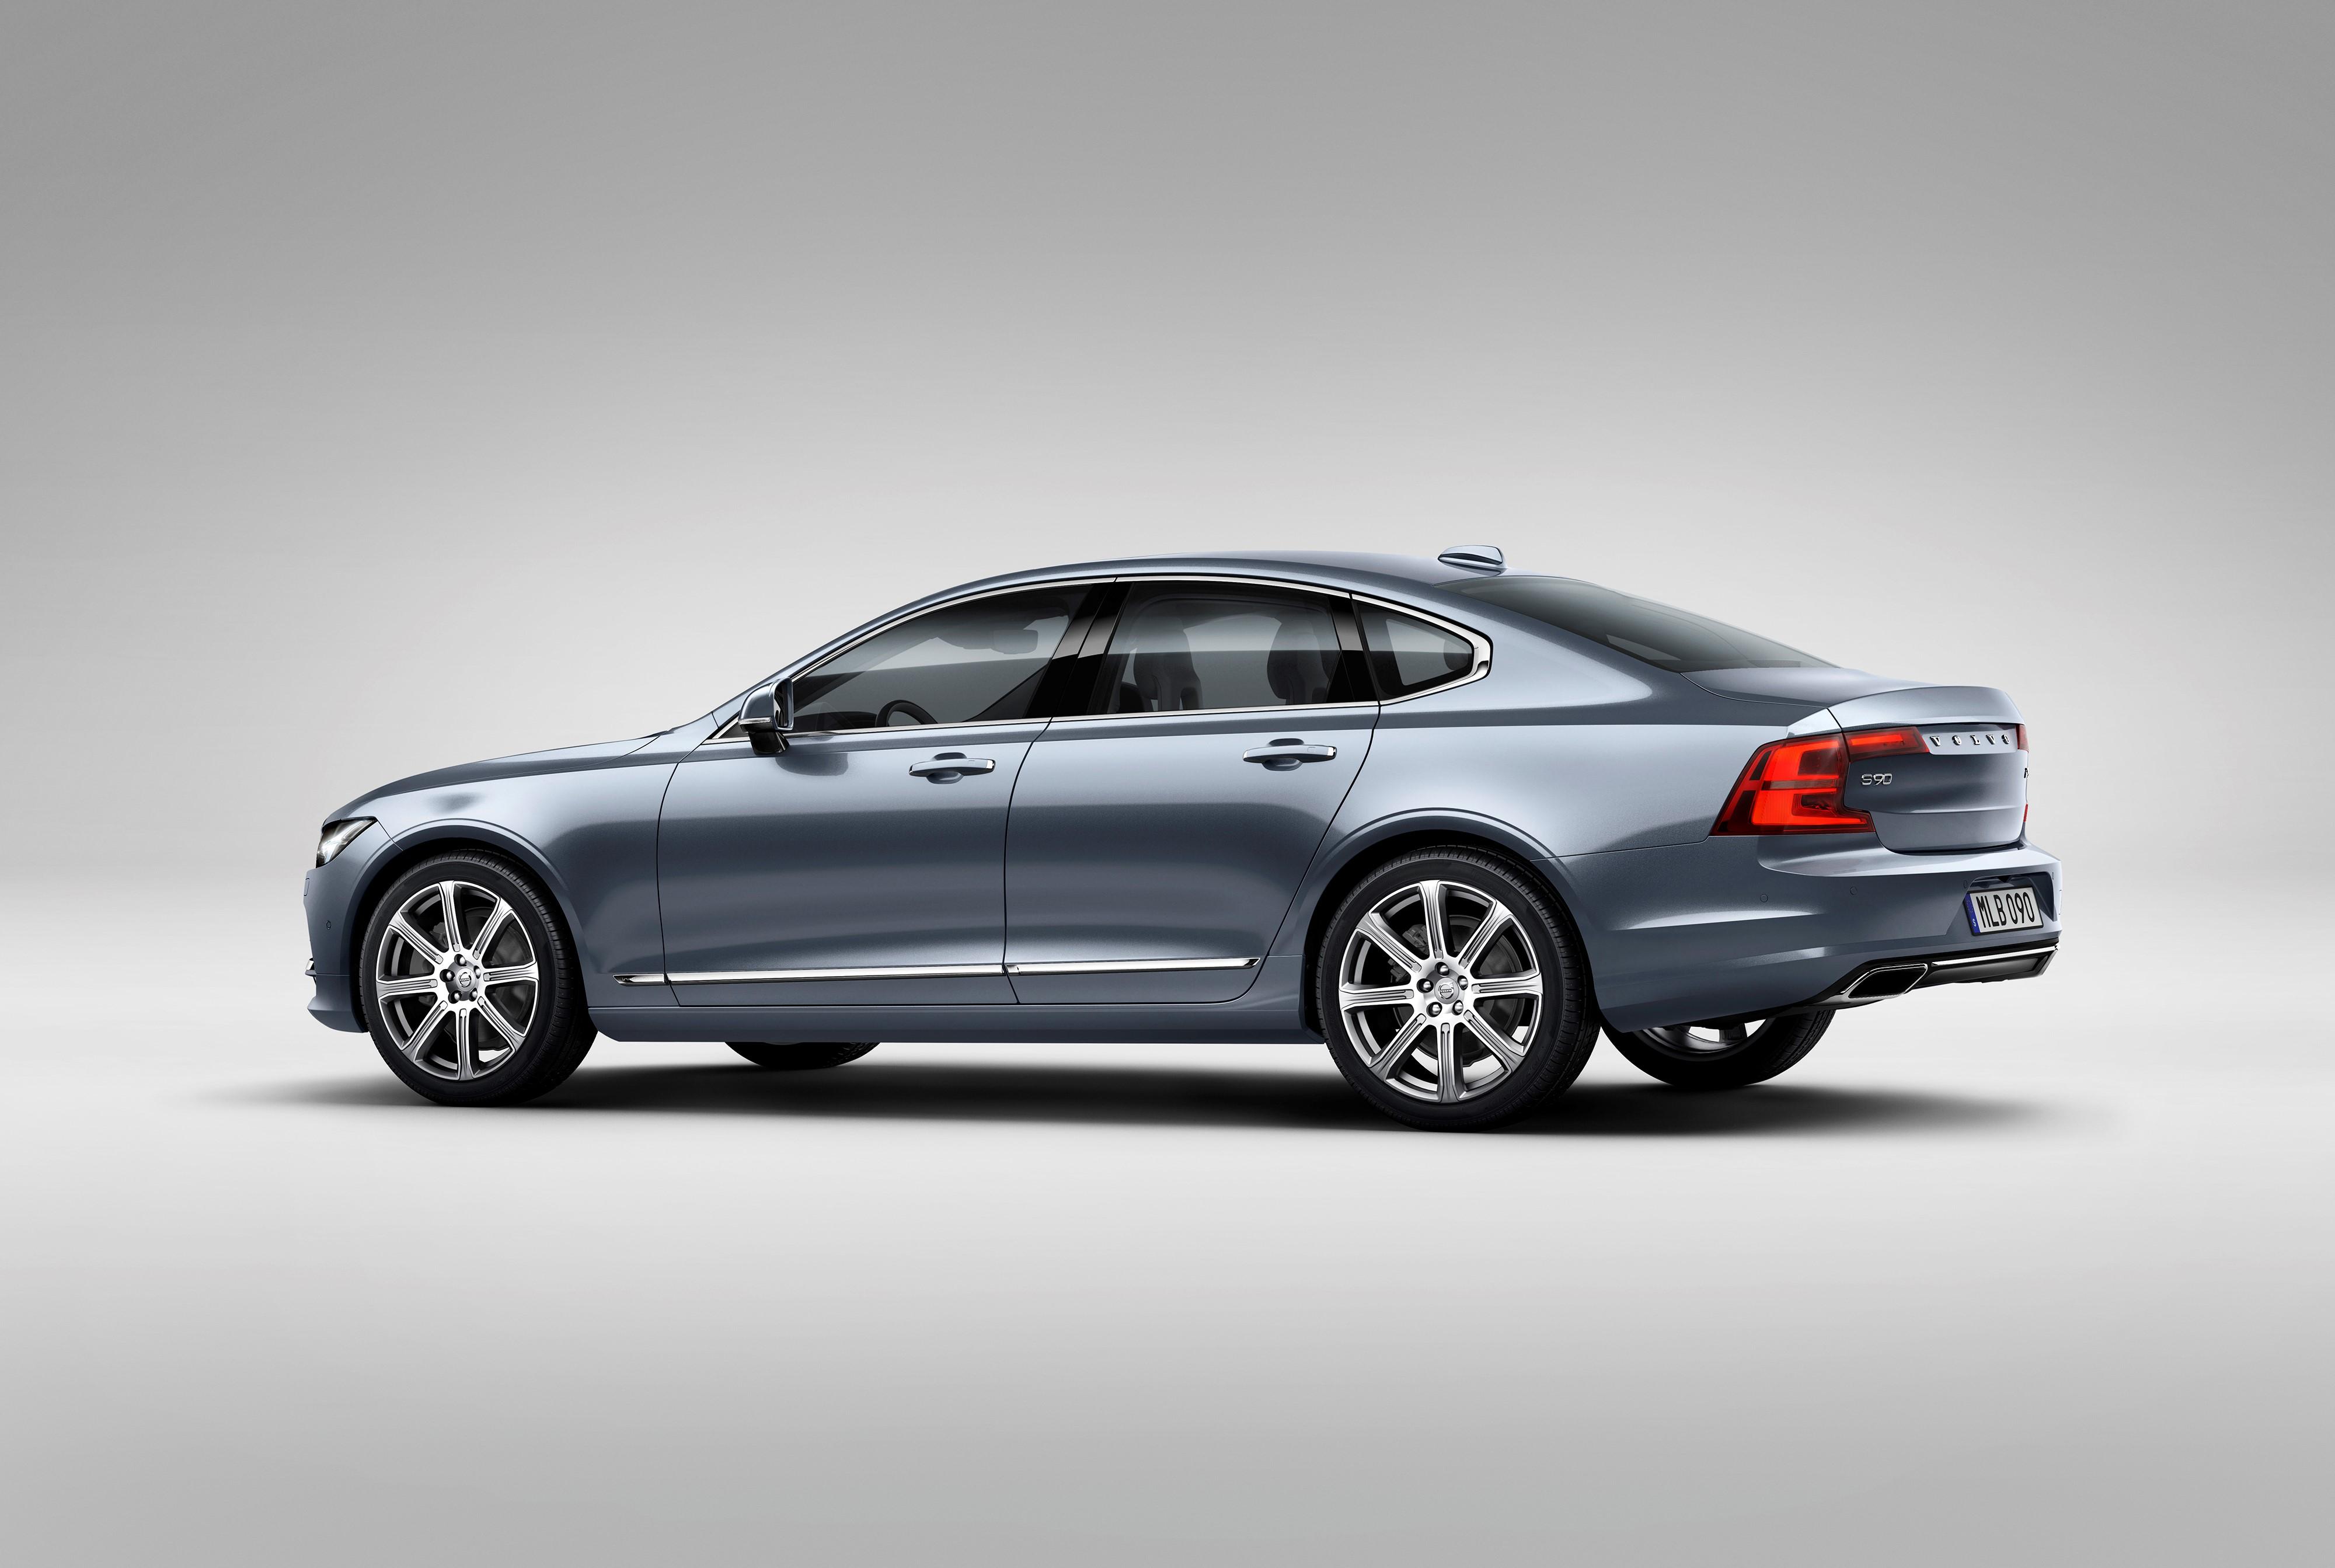 4300 Gambar Mobil Jaguar Gratis Terbaik